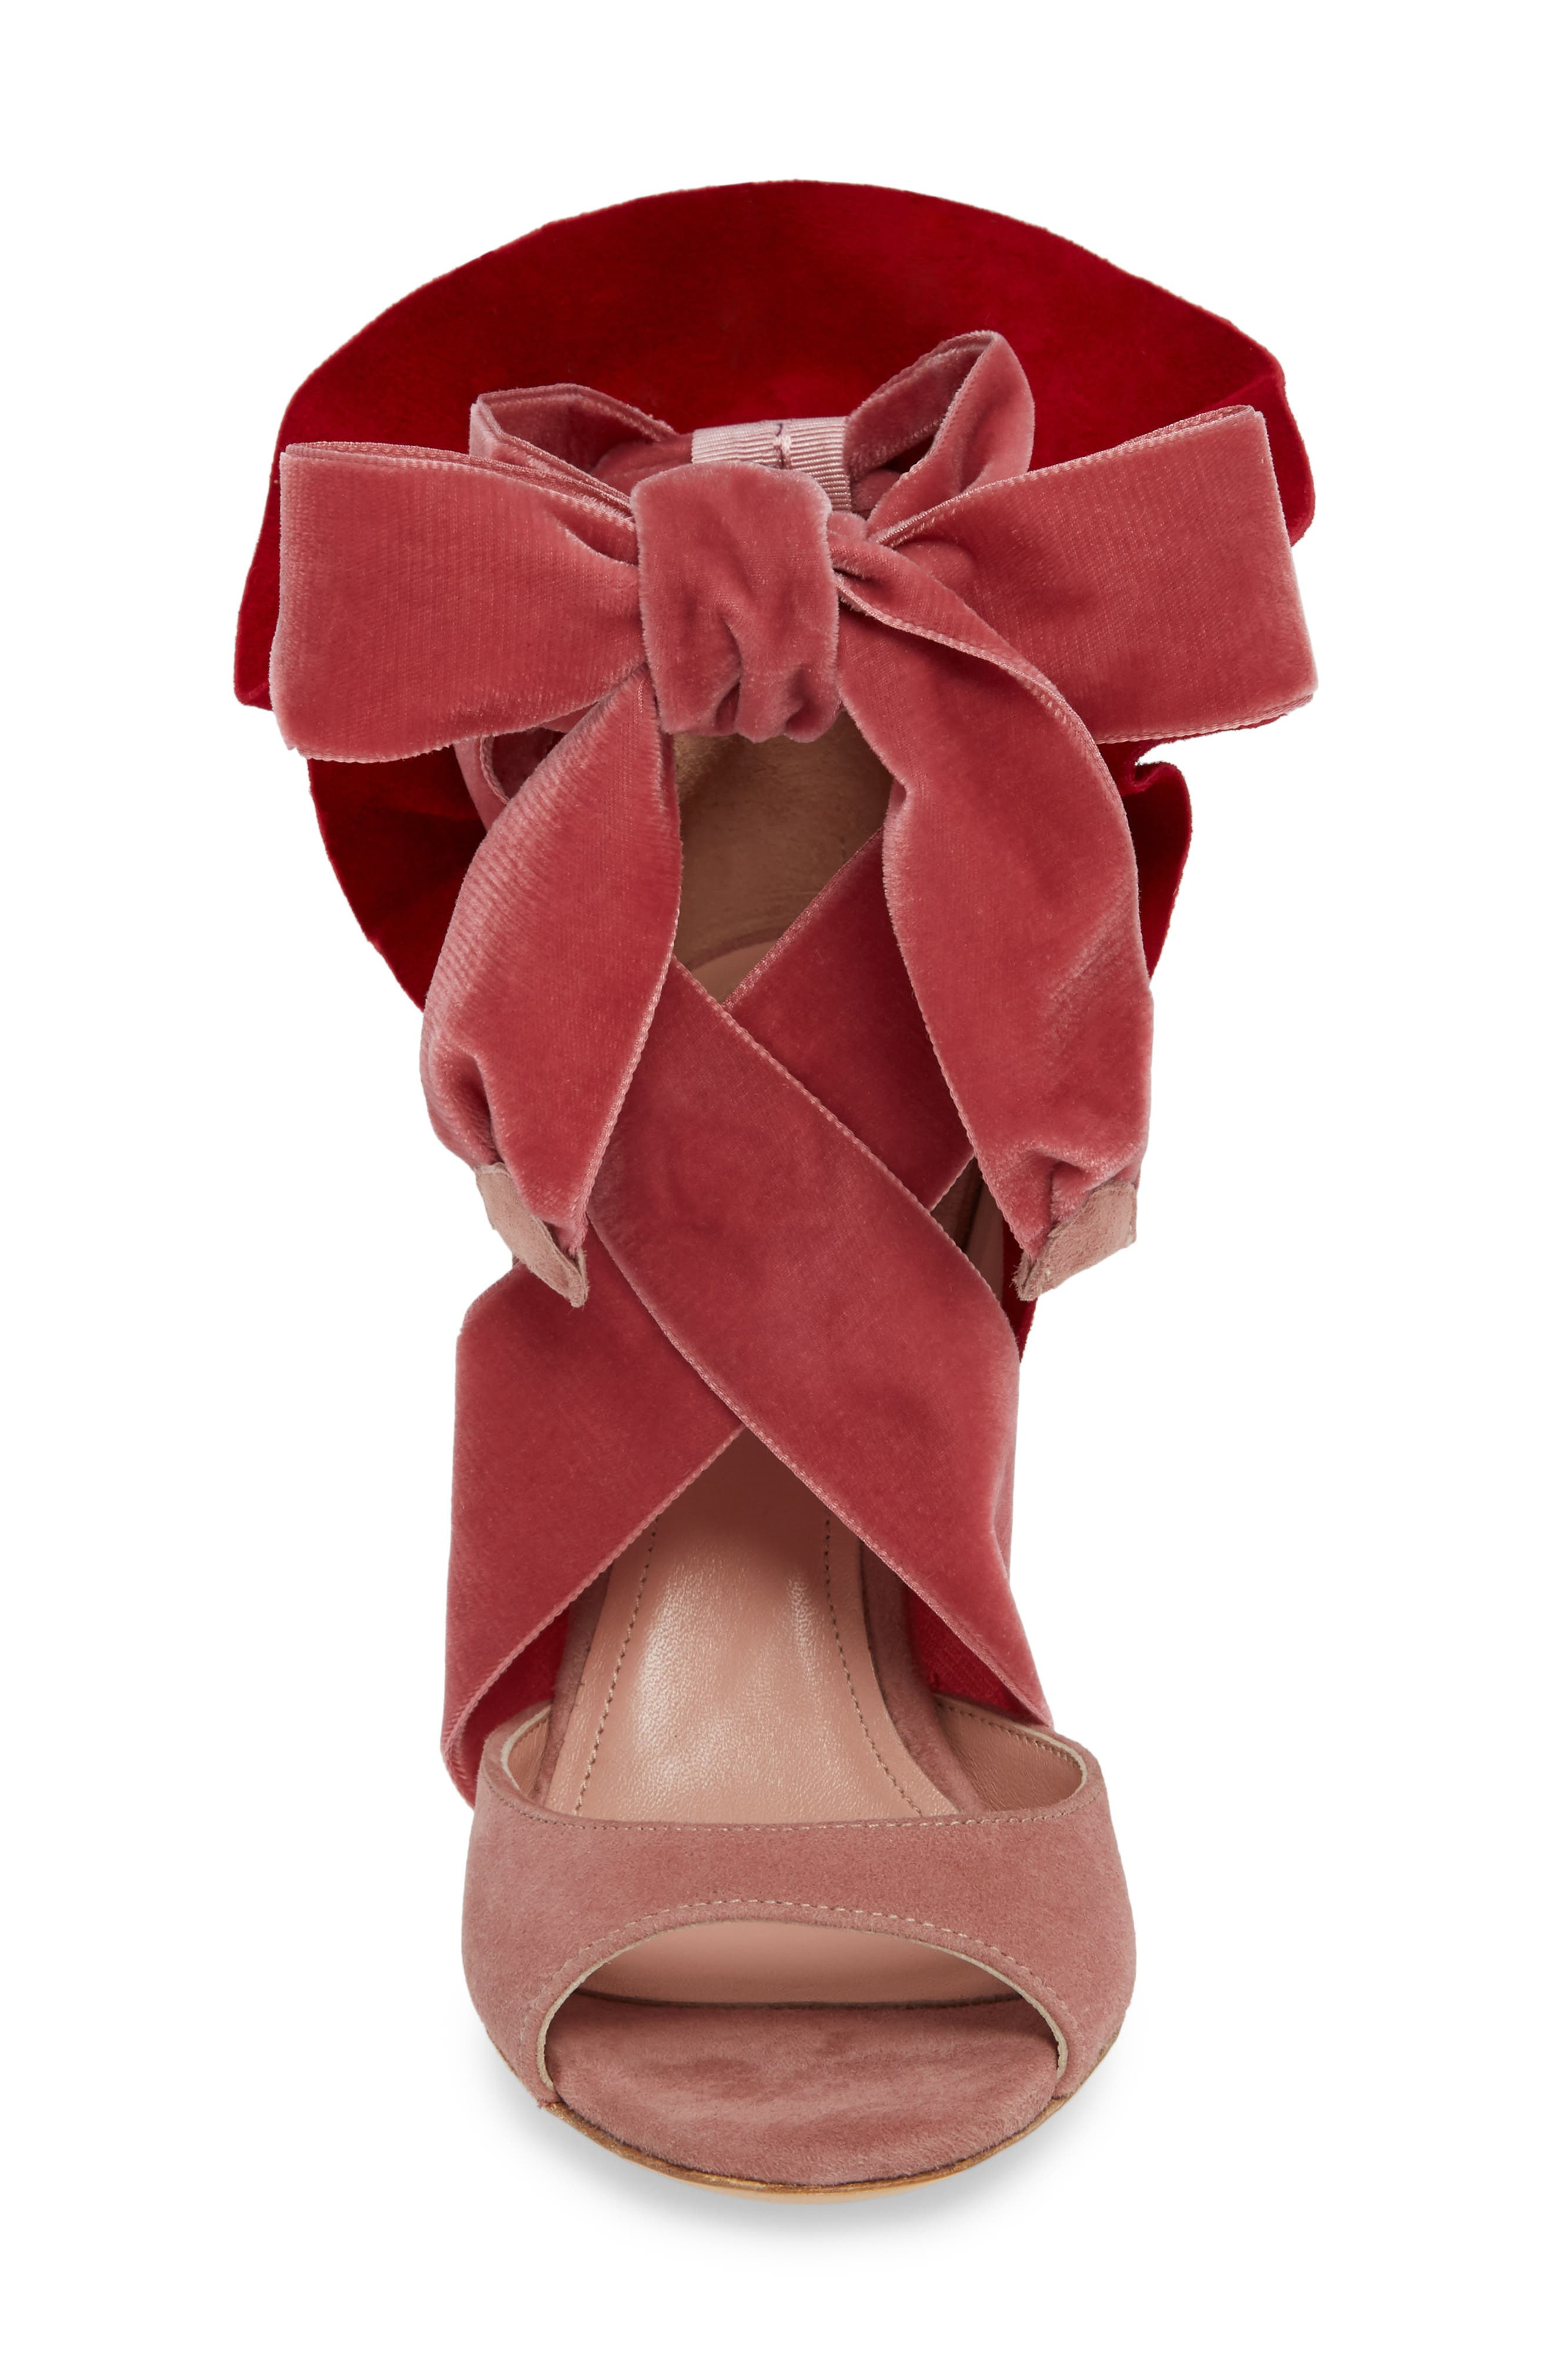 Frills For All Sandal,                             Alternate thumbnail 4, color,                             ROSE/ RED